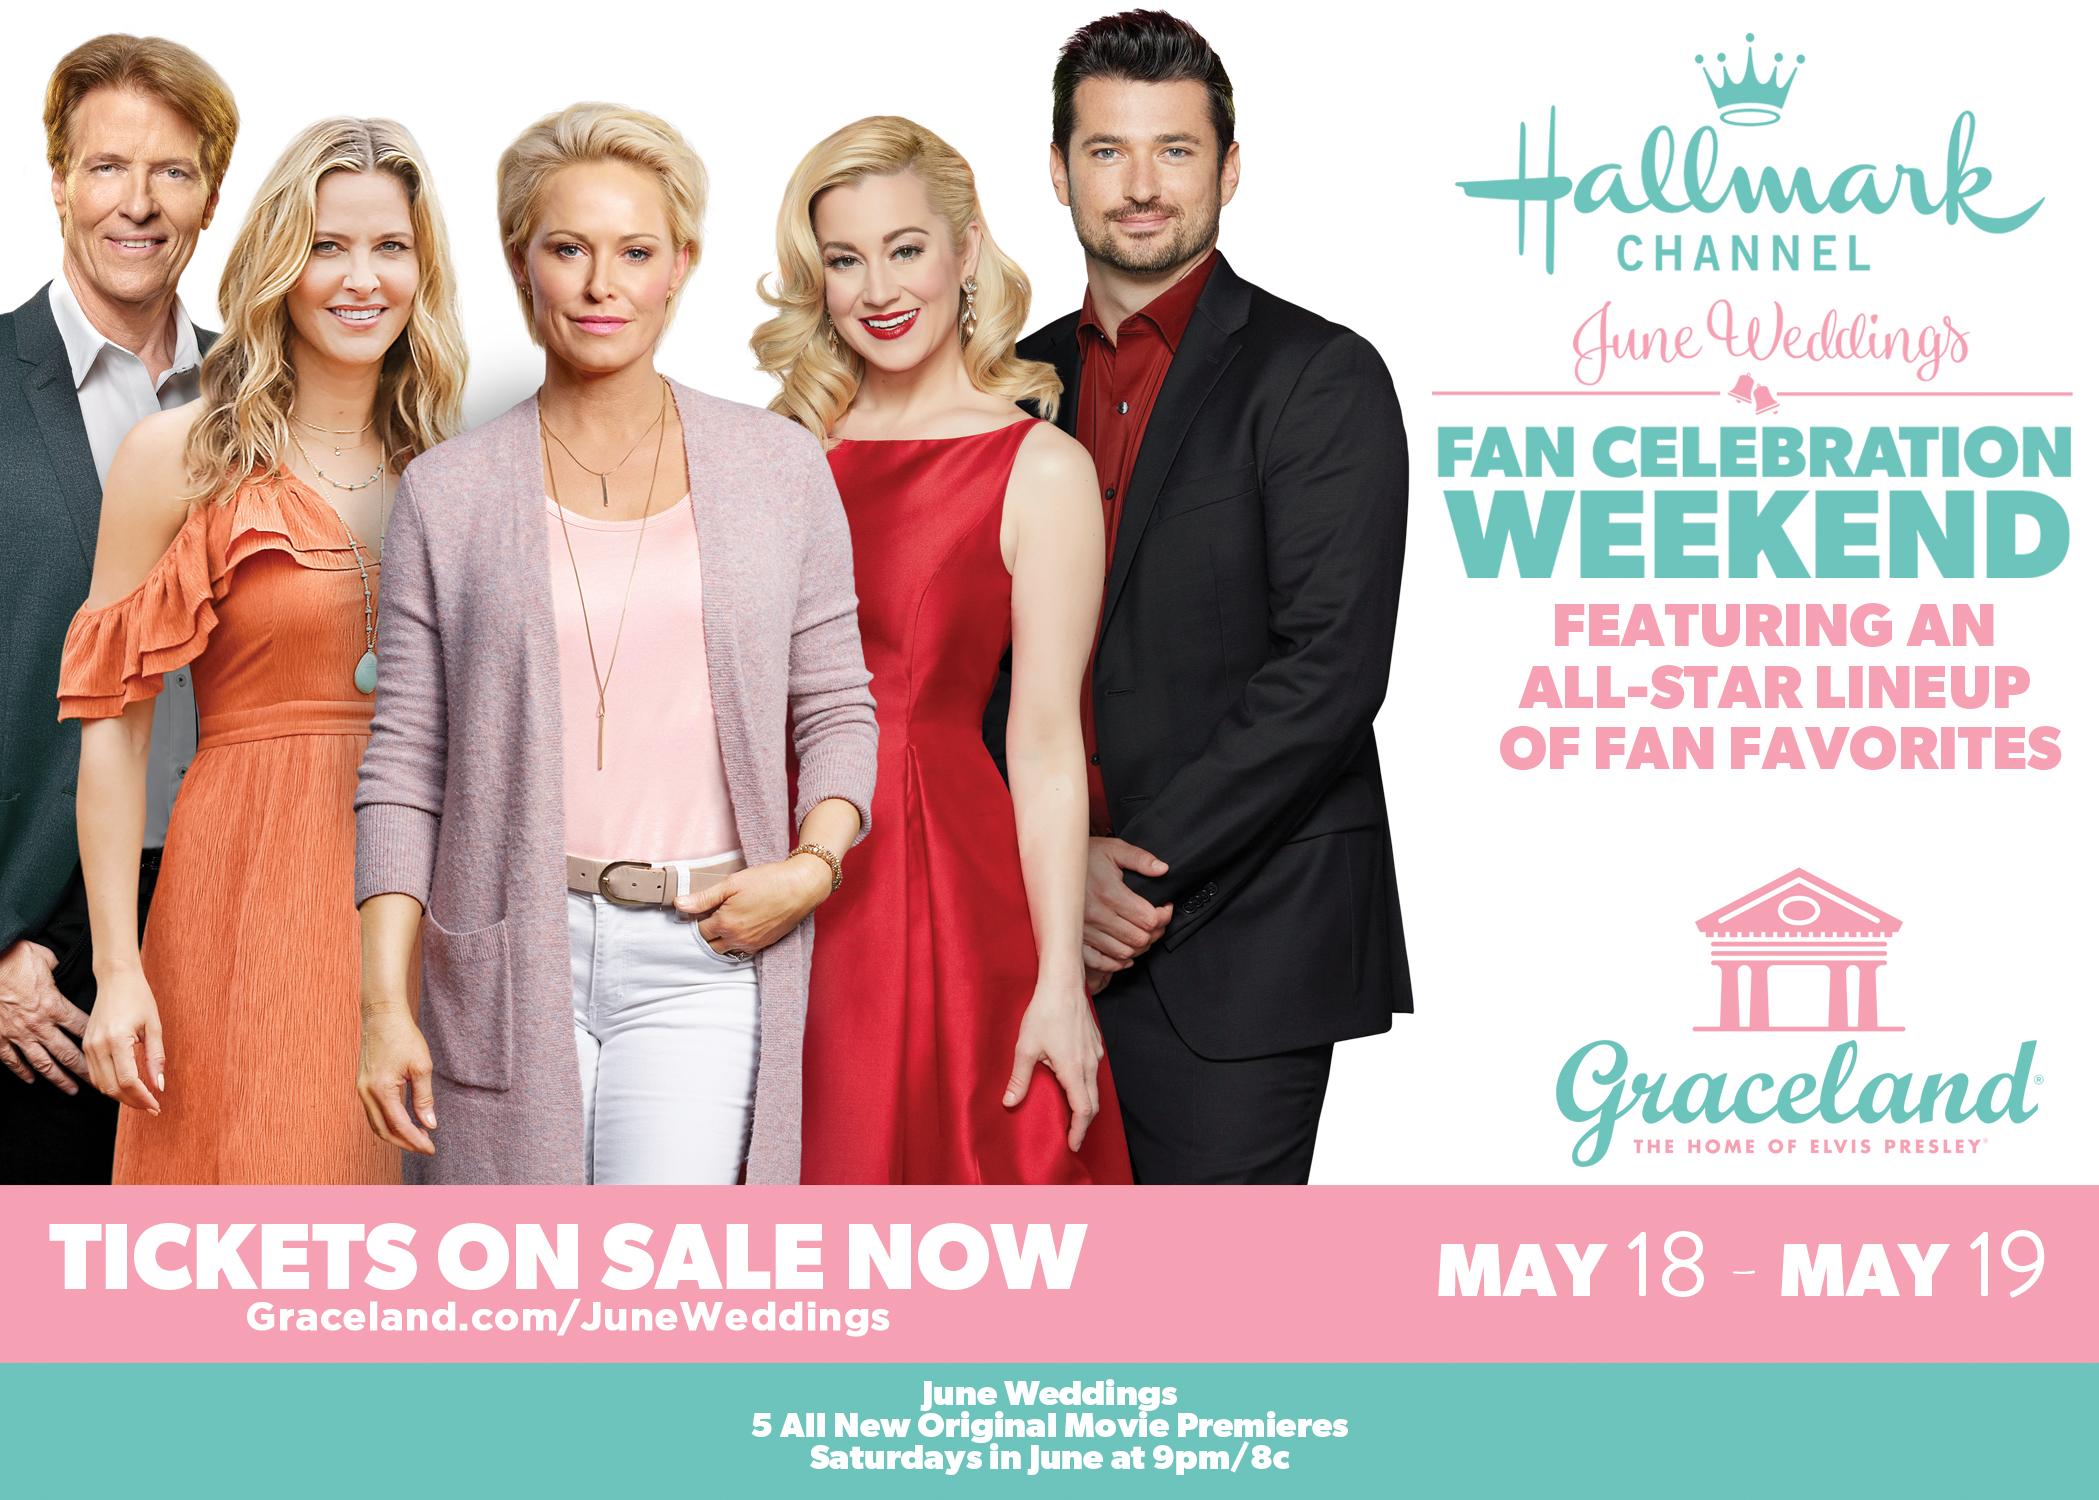 Hallmark Channel's June Weddings Fan Celebration